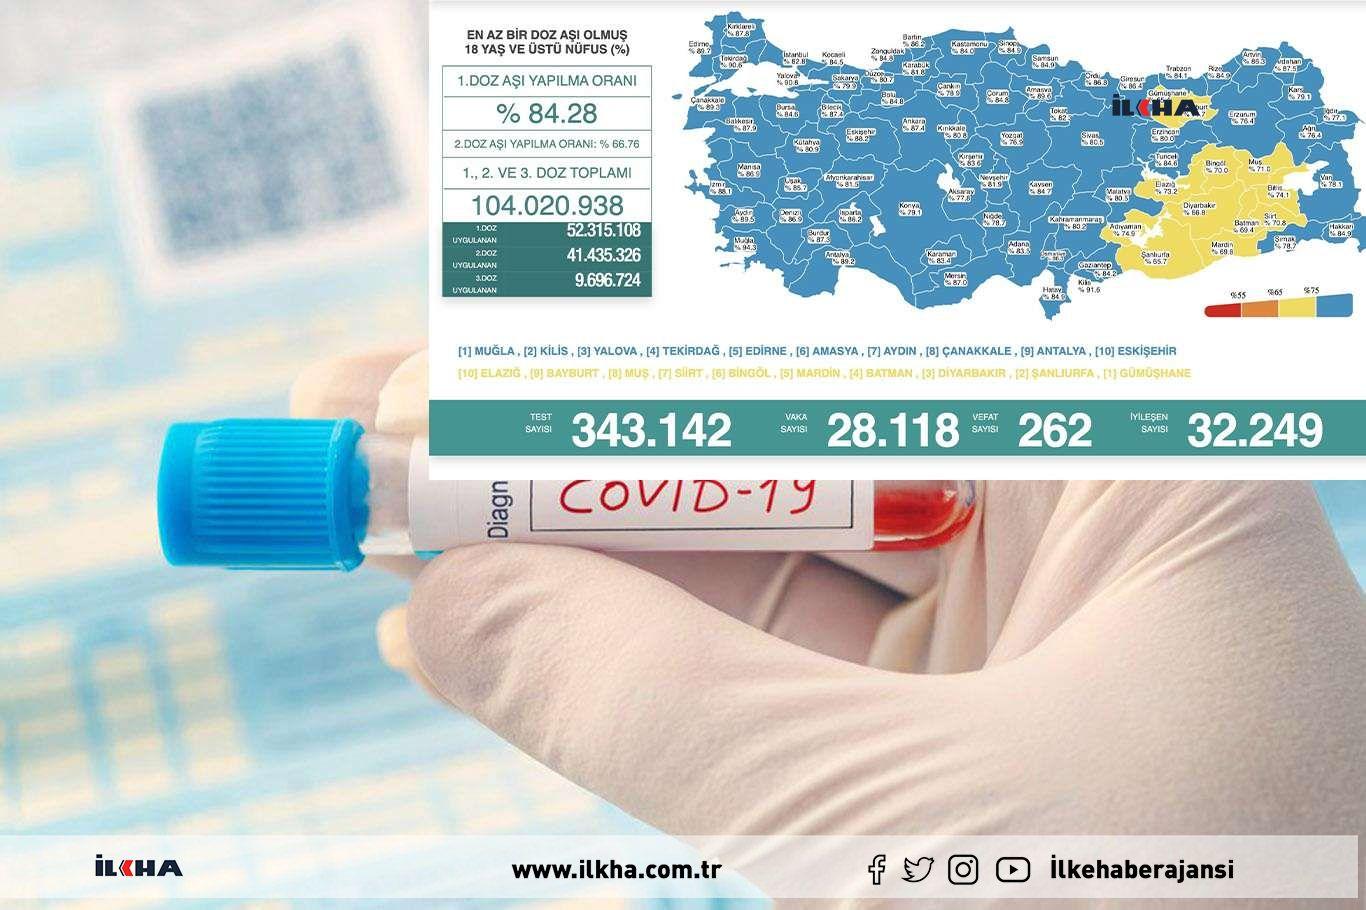 Türkiyede son 24 saatte 28 bin 118 vaka tespit edildi 262 kişi vefat etti